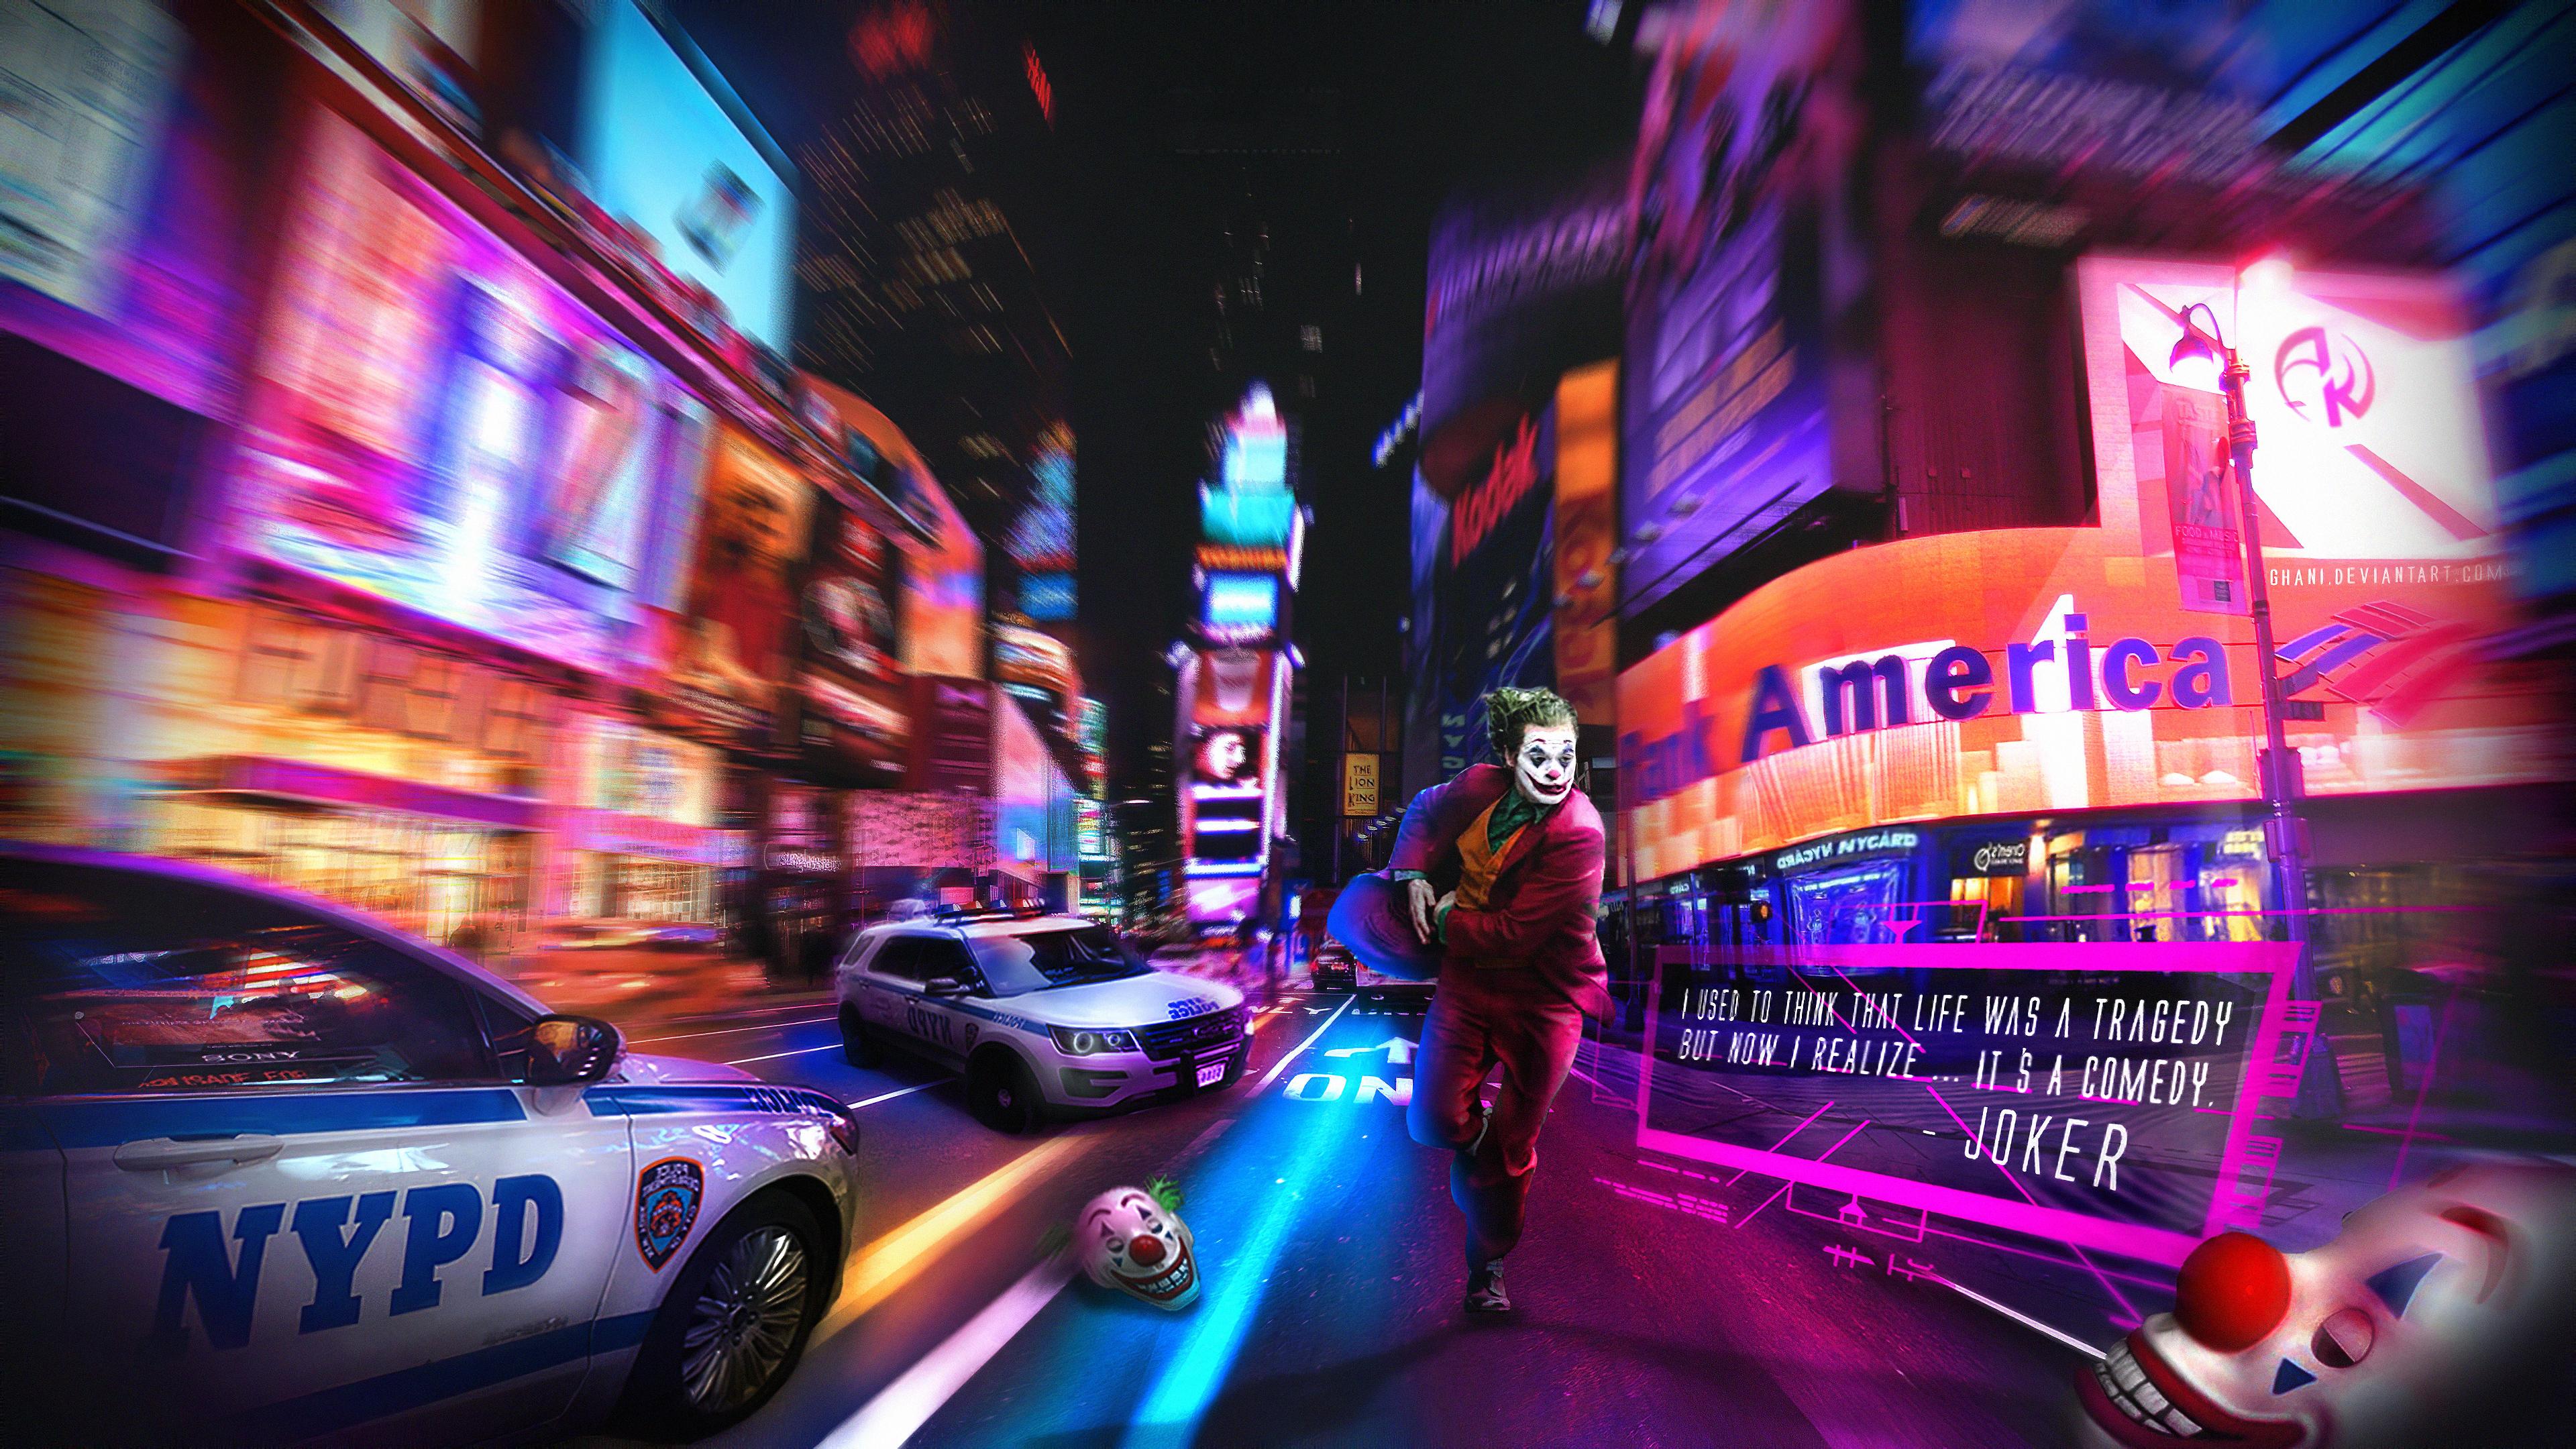 joker running away 1572368602 - Joker Running Away - supervillain wallpapers, superheroes wallpapers, joker wallpapers, joker movie wallpapers, hd-wallpapers, 4k-wallpapers